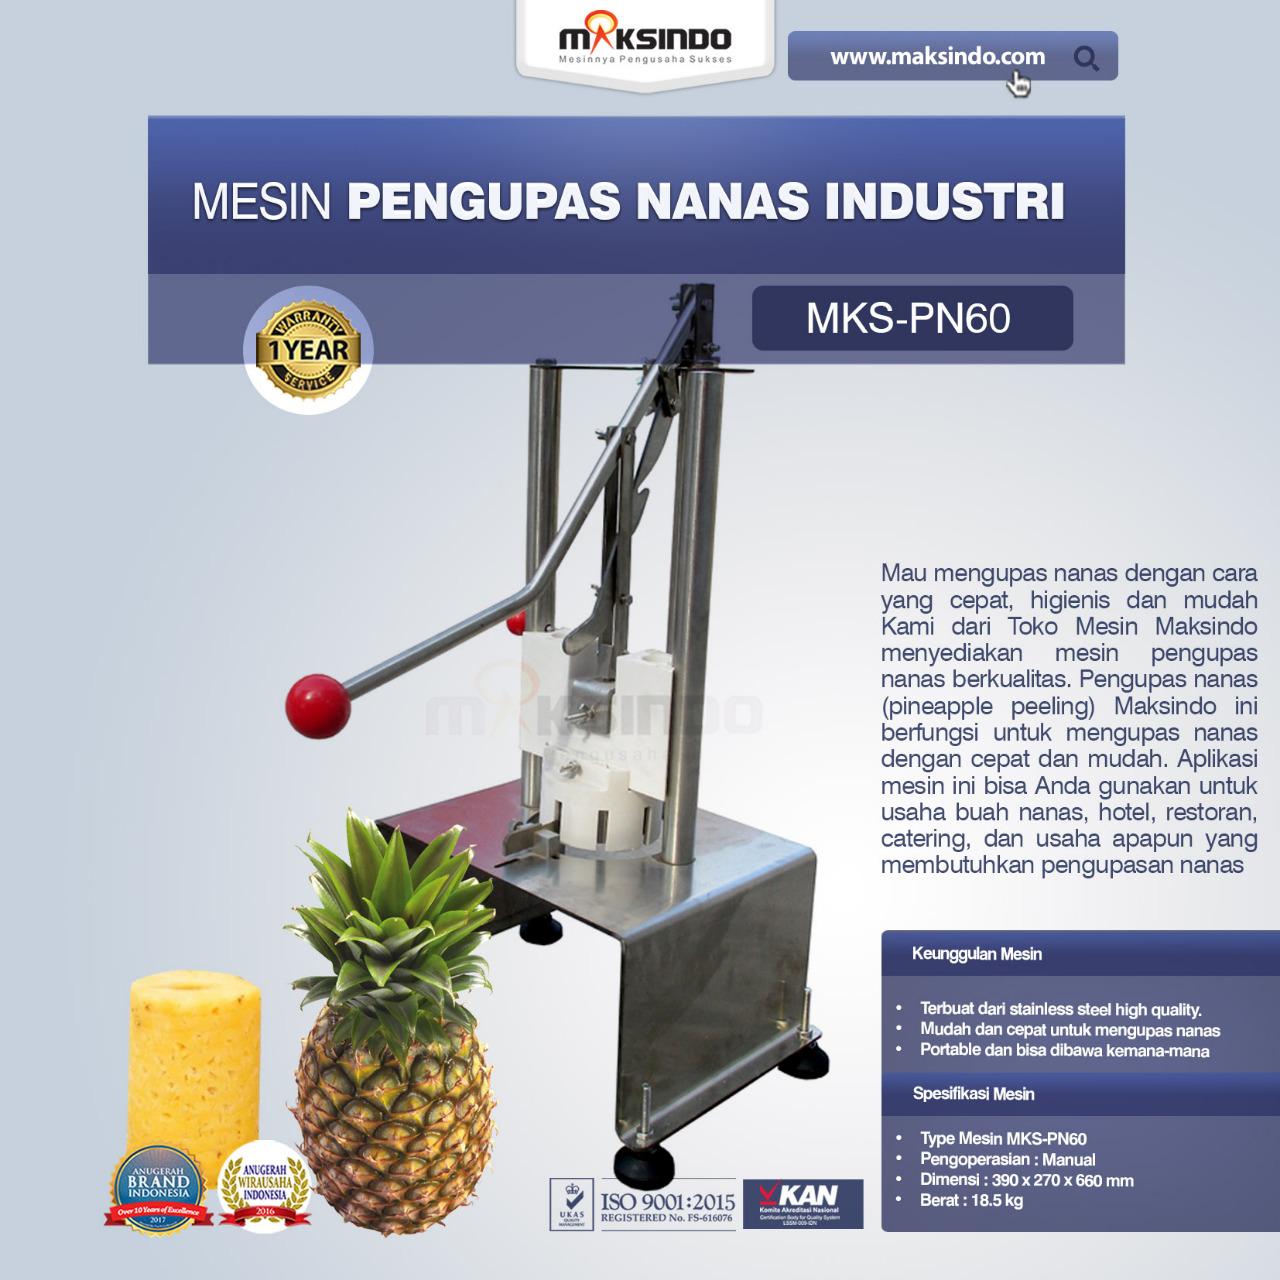 Jual Pengupas Nanas Industri di Tangerang